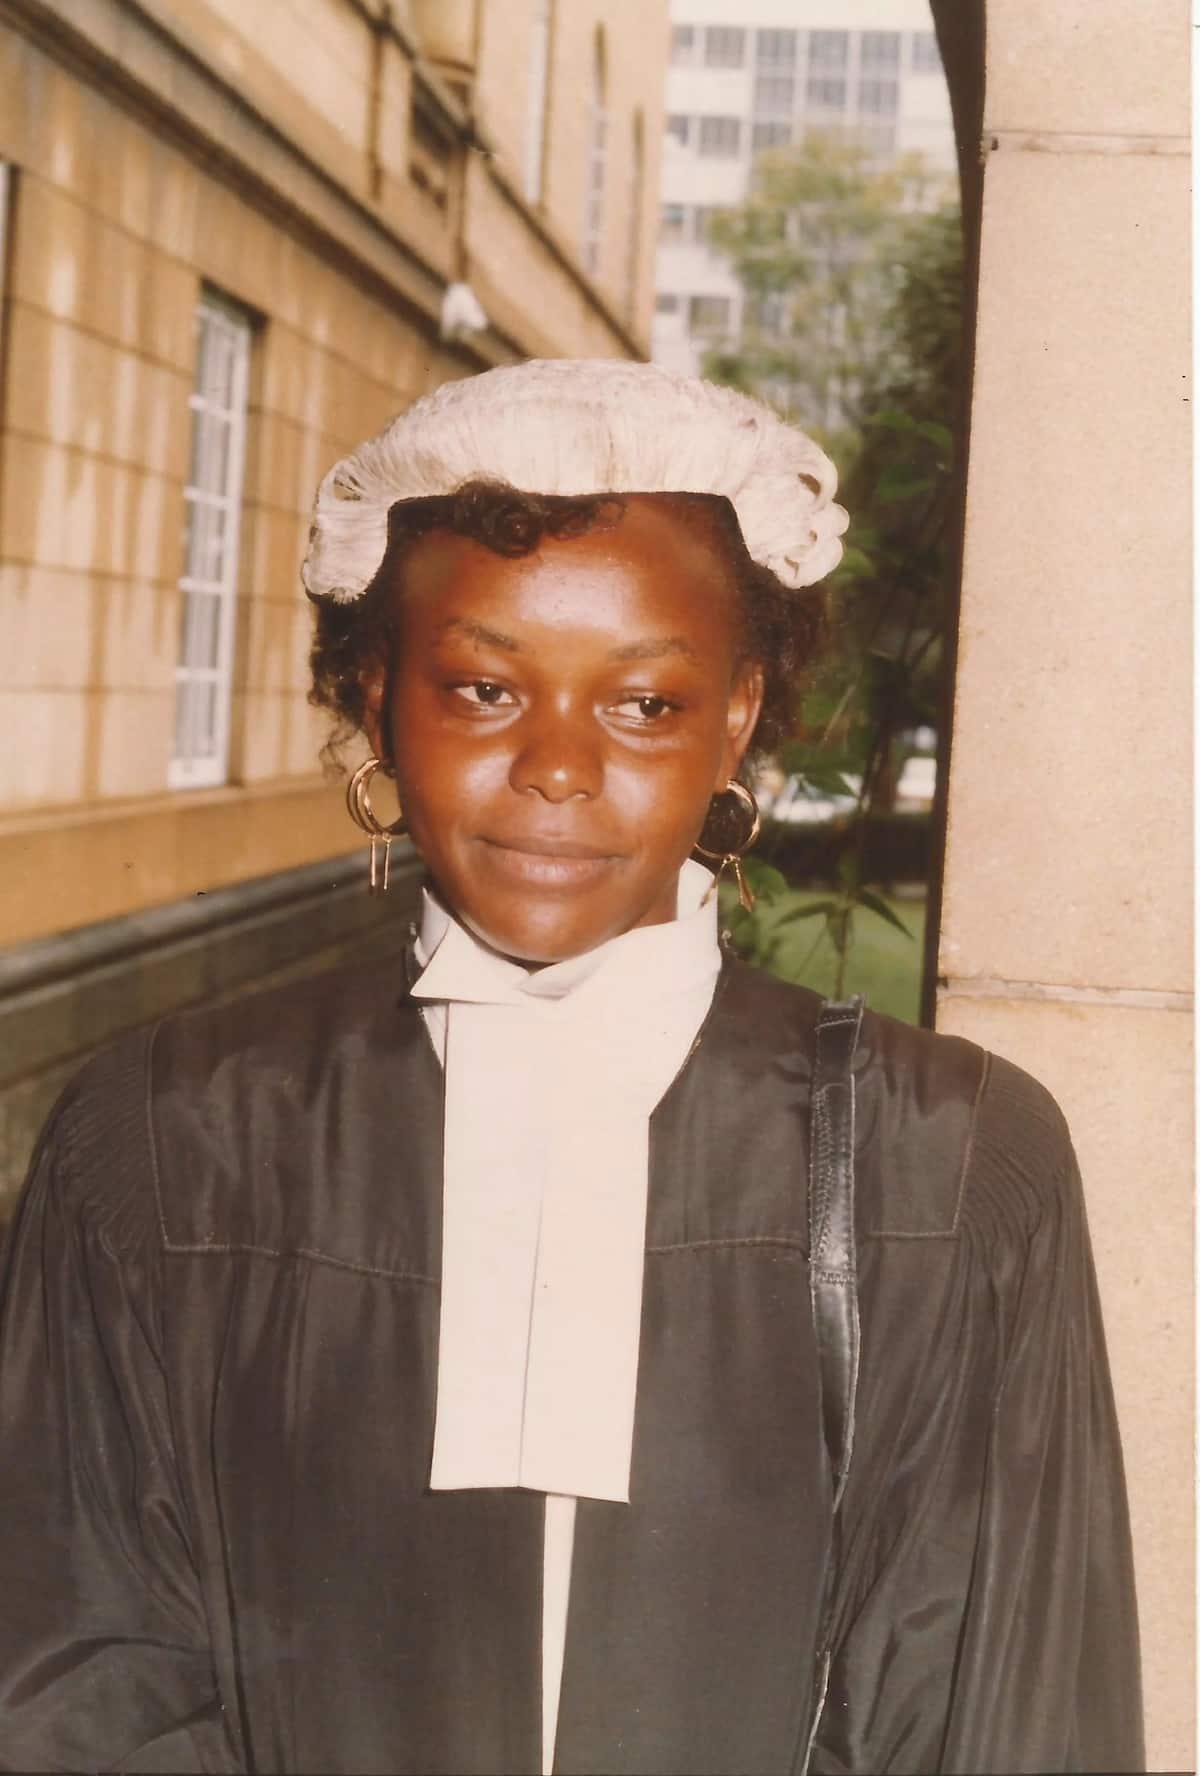 Millie Odhiambo akimkabili polisi, na PICHA zingine za mbunge huyo mzushi